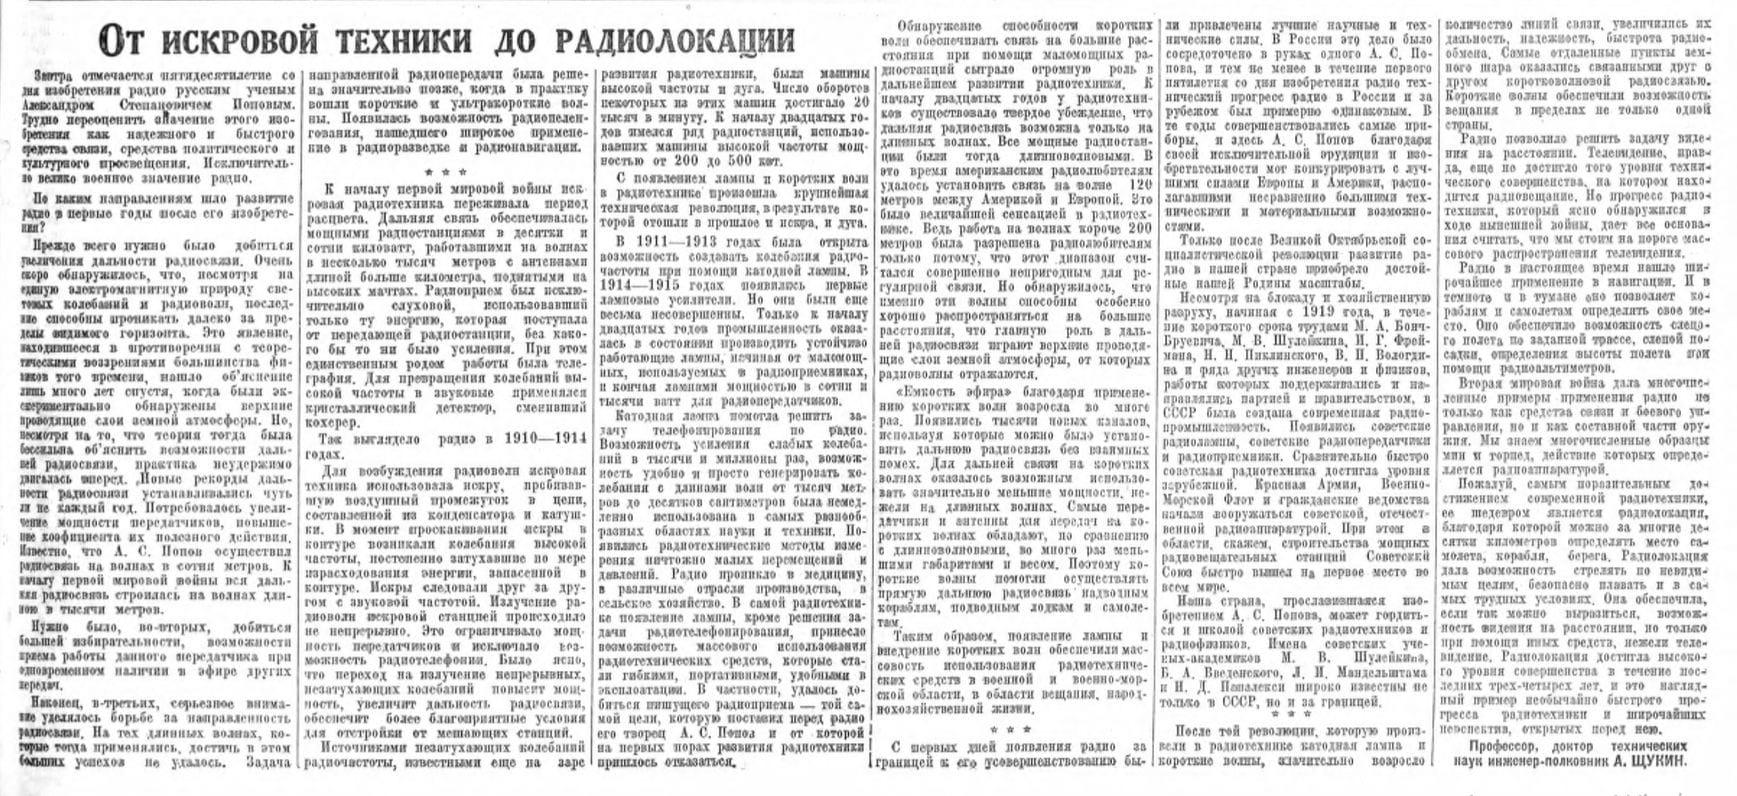 От искровой техники до радиолокации. Профессор А. Щукин (Газета «Красный флот» от 06 мая 1945 года)